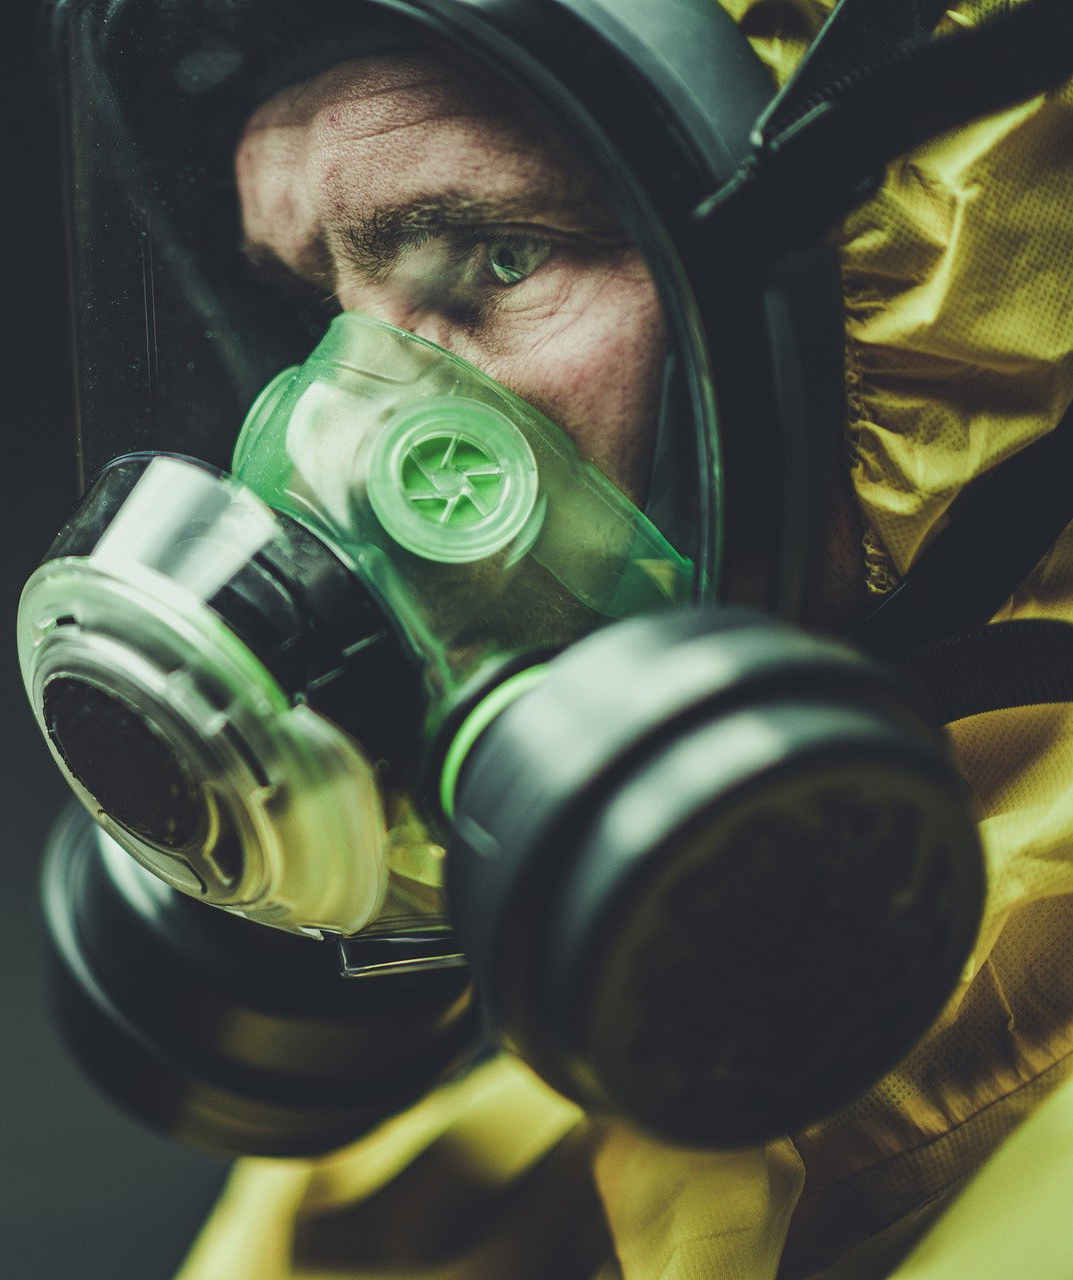 ecoteti srl azienda specializzata nella bonifica amianto e rimozione eternit iscritta all albbo nazionale gestori ambientali